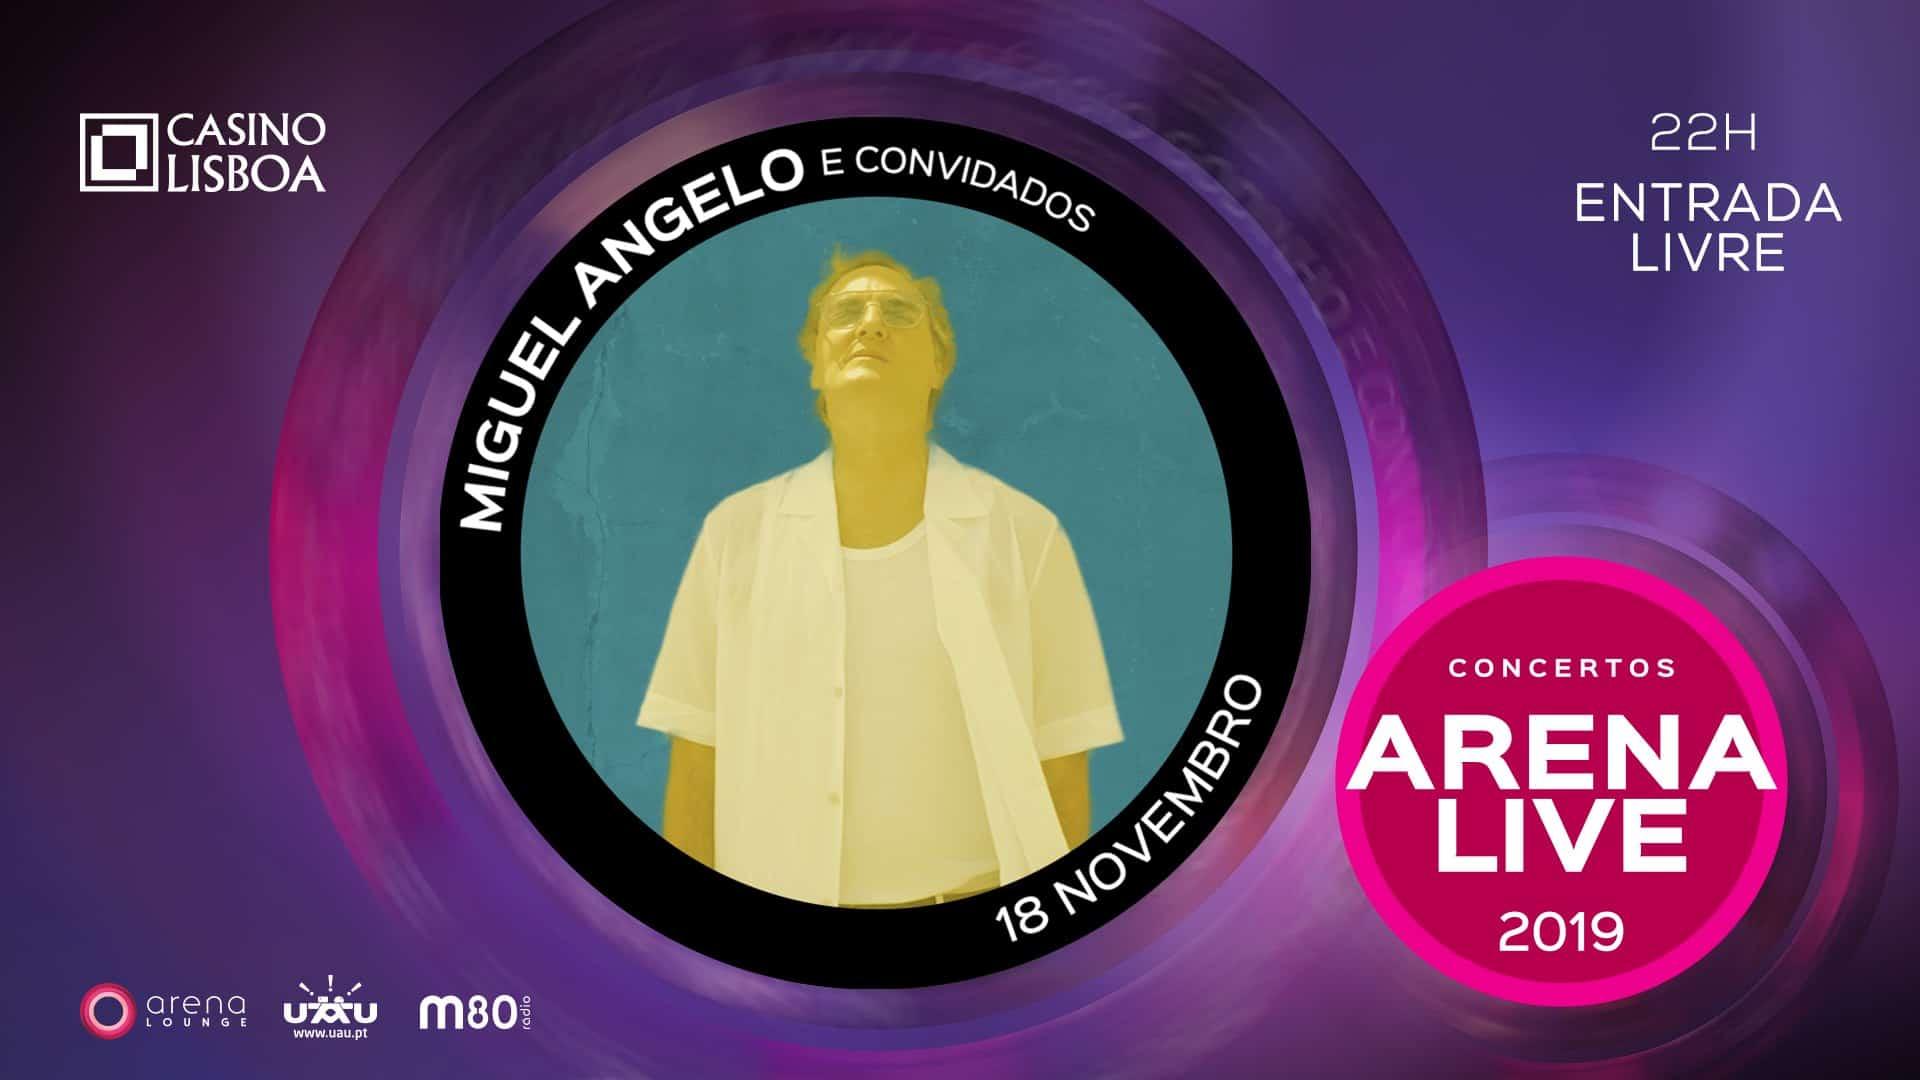 Miguel Ângelo será o protagonista de mais uma etapa do ciclo de concertos Arena Live 2019, agendada para a próxima Segunda-Feira, 18 de Novembro a partir das 22 horas, no Arena Lounge do Casino Lisboa